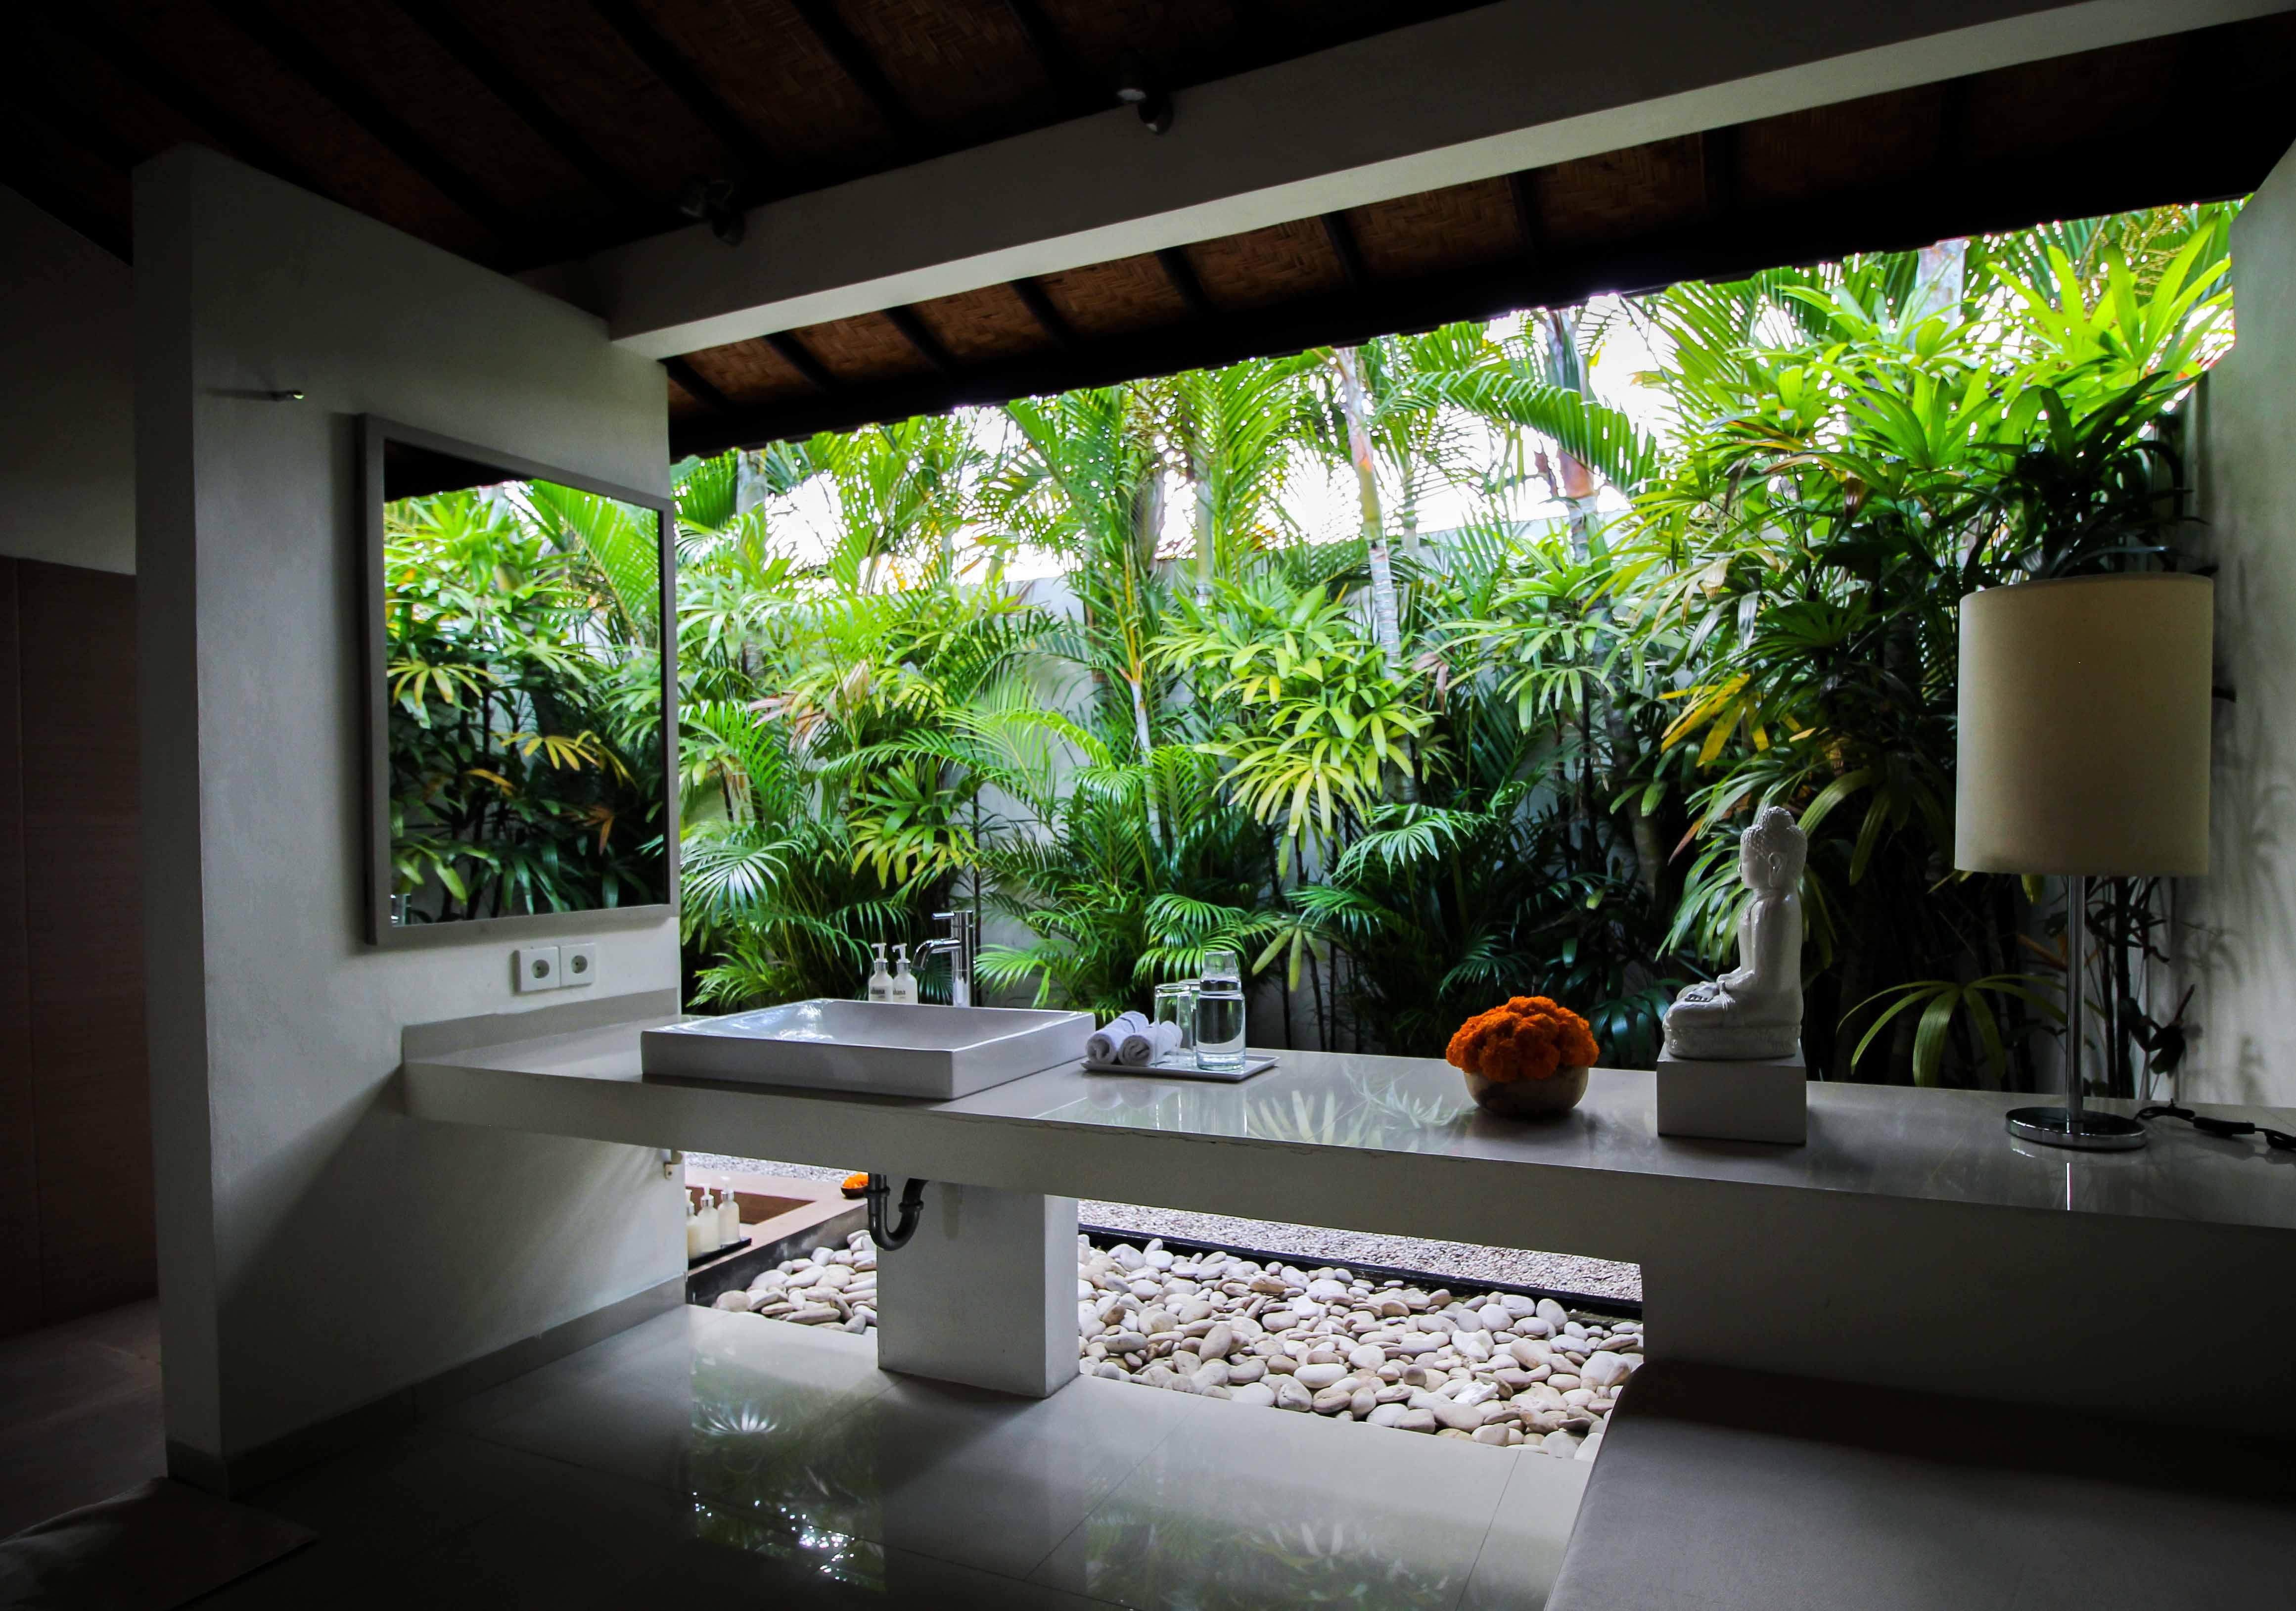 Sahana Villas Seminyak Poolvilla 3 Bedroom Seminyak Bali Luxusvilla mieten Badezimmer draußen offen Reiseblogger 2